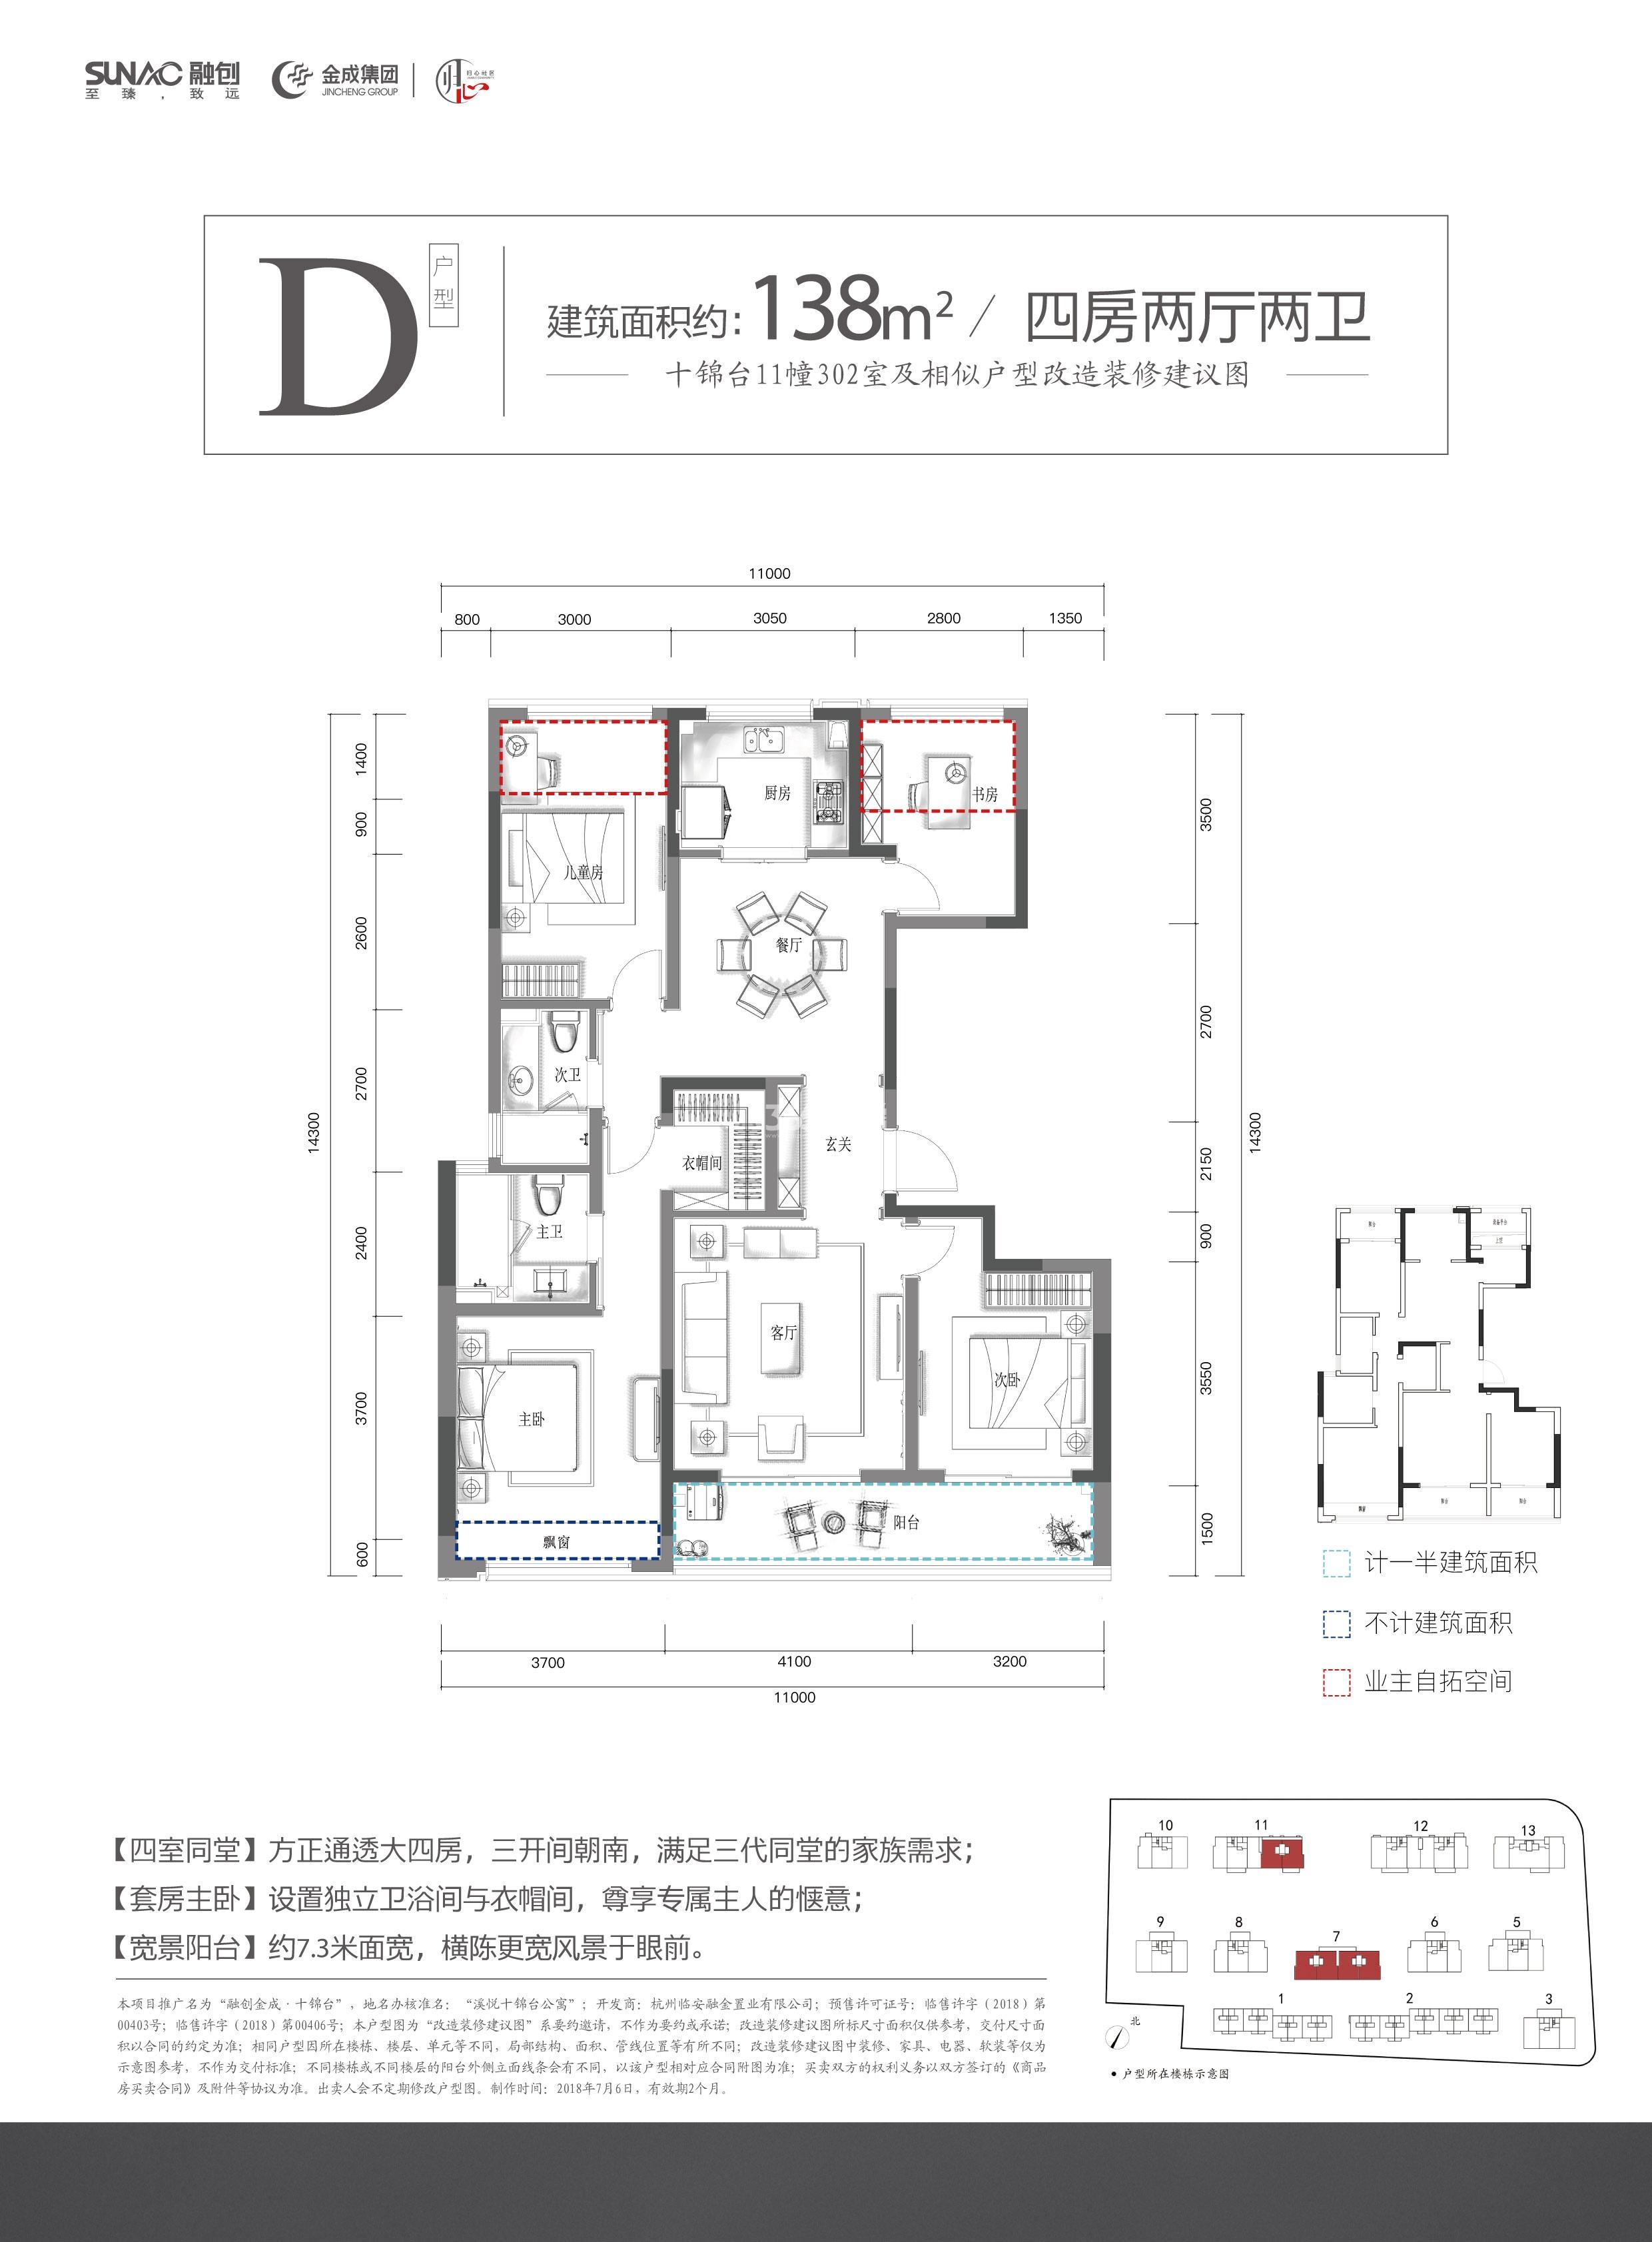 溪悦十锦台公寓户型图